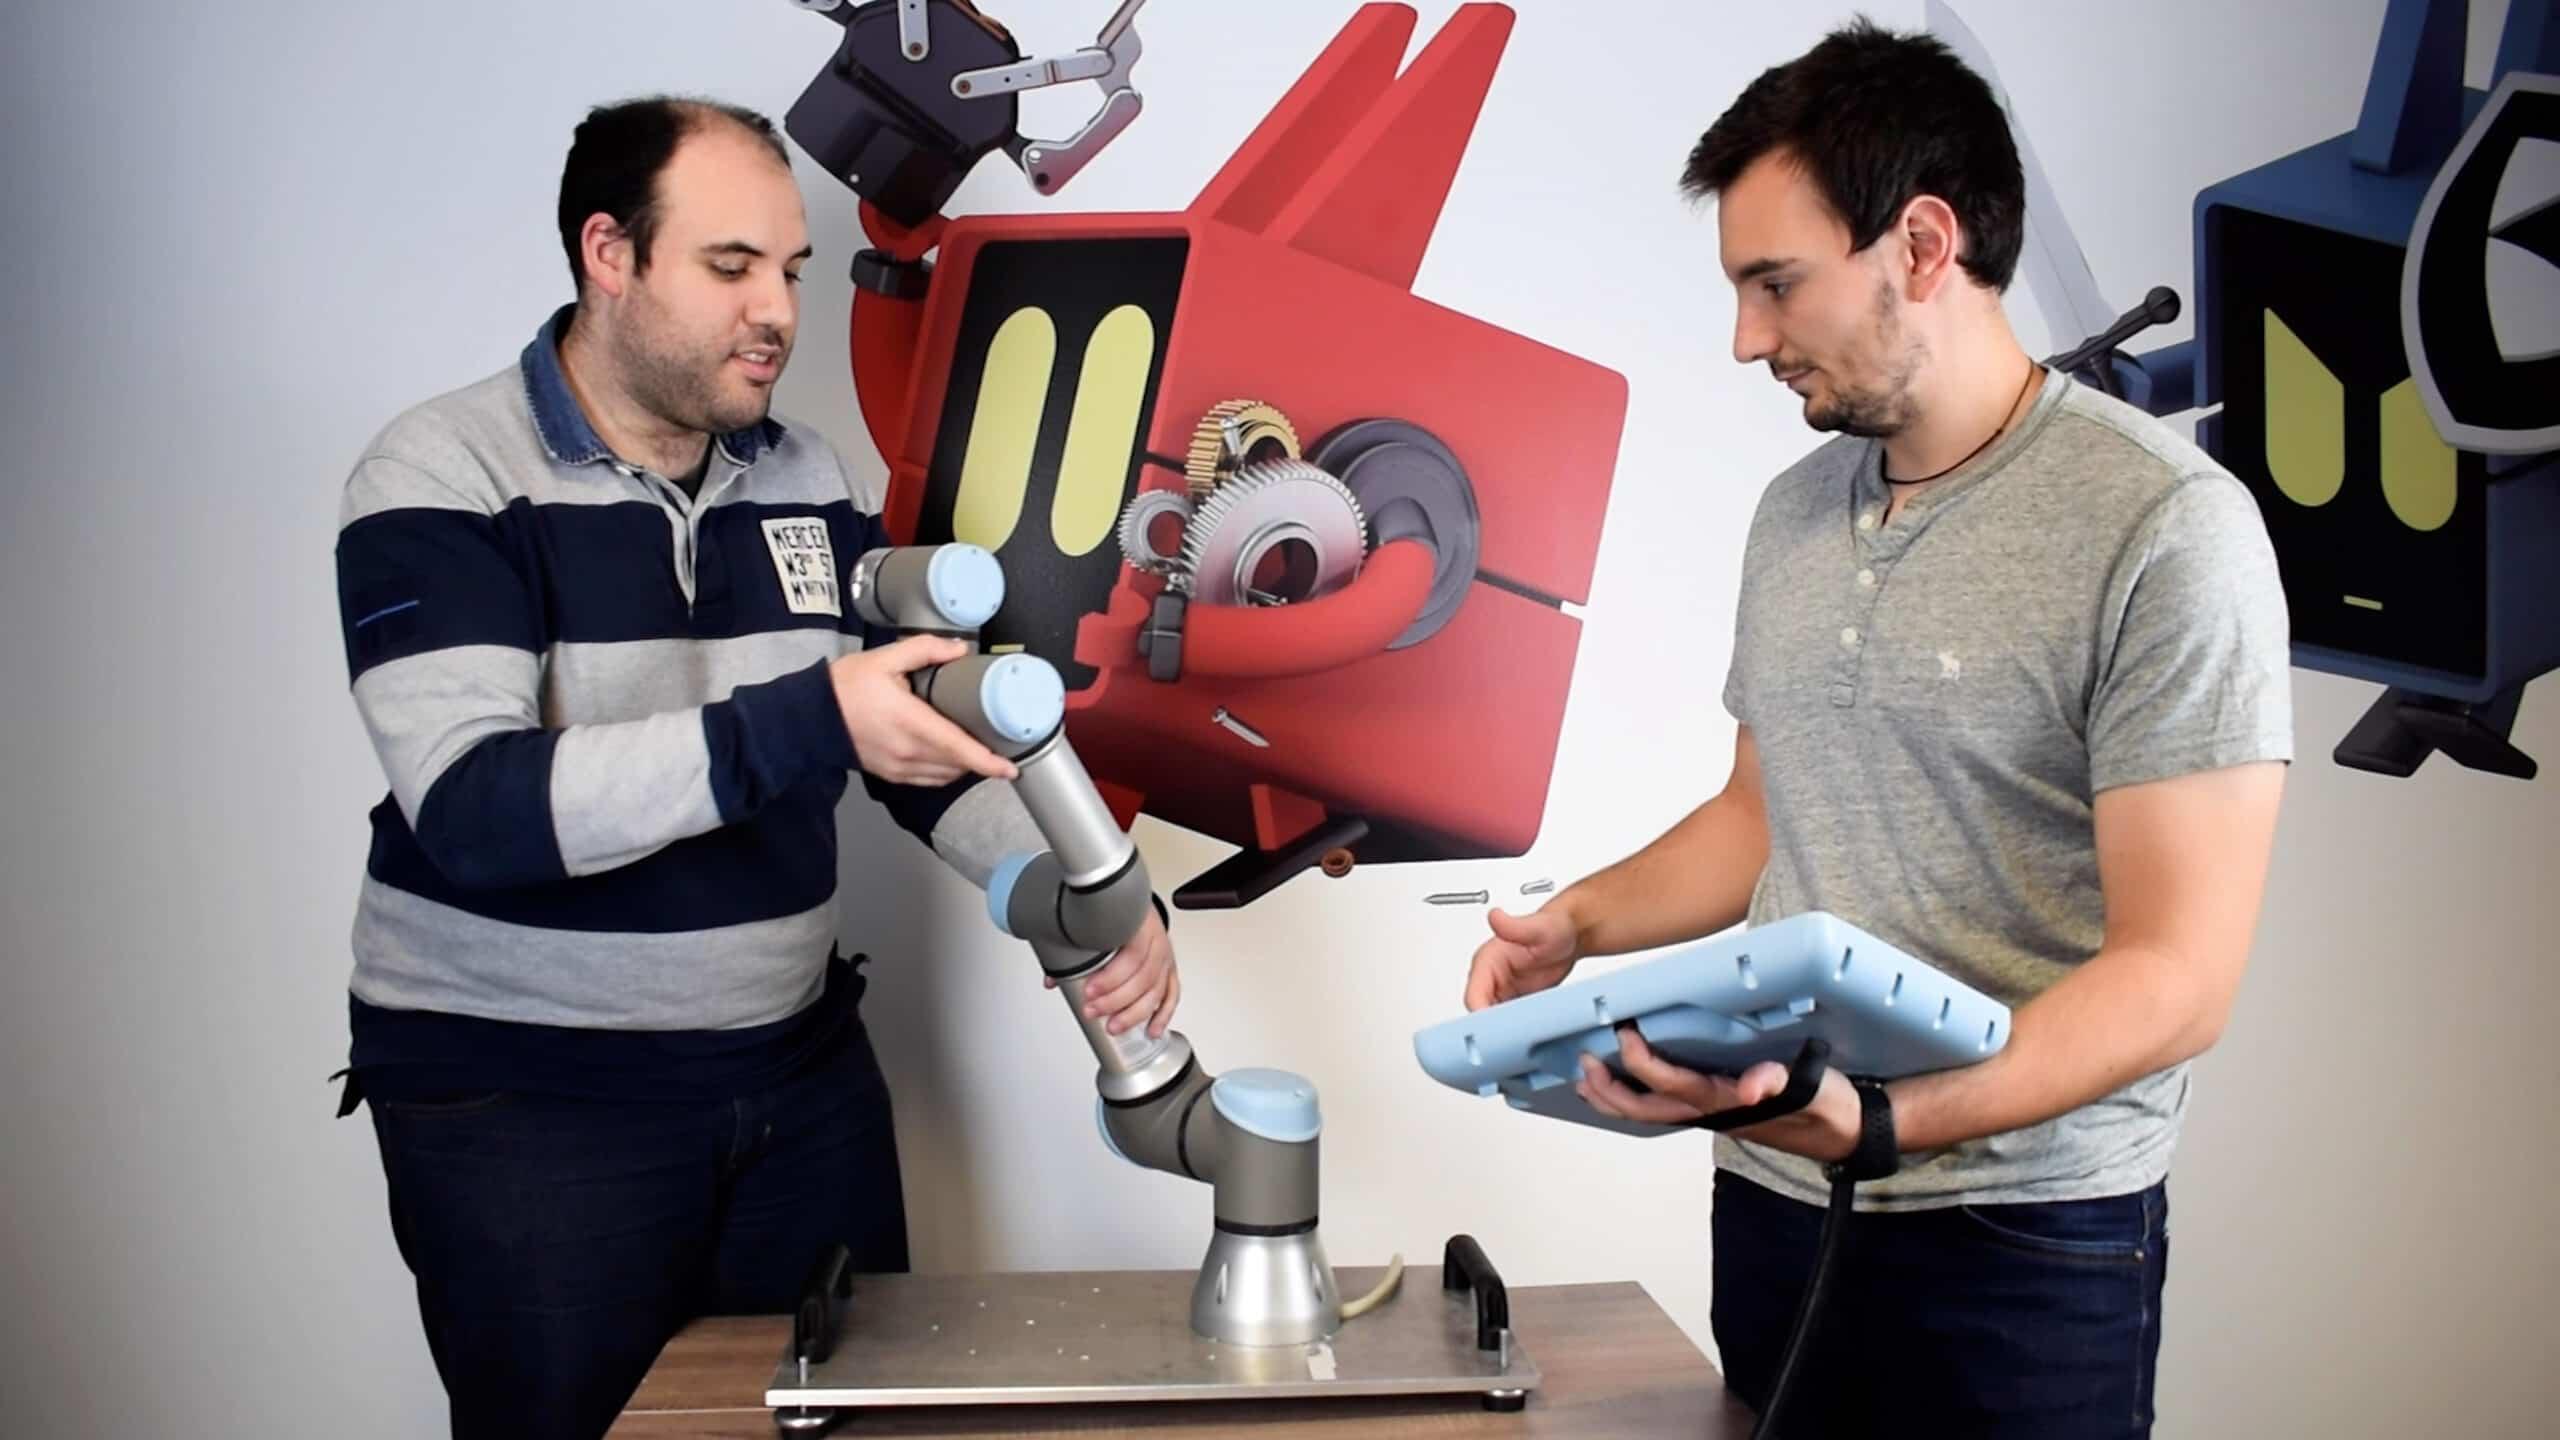 alias robotics team scaled